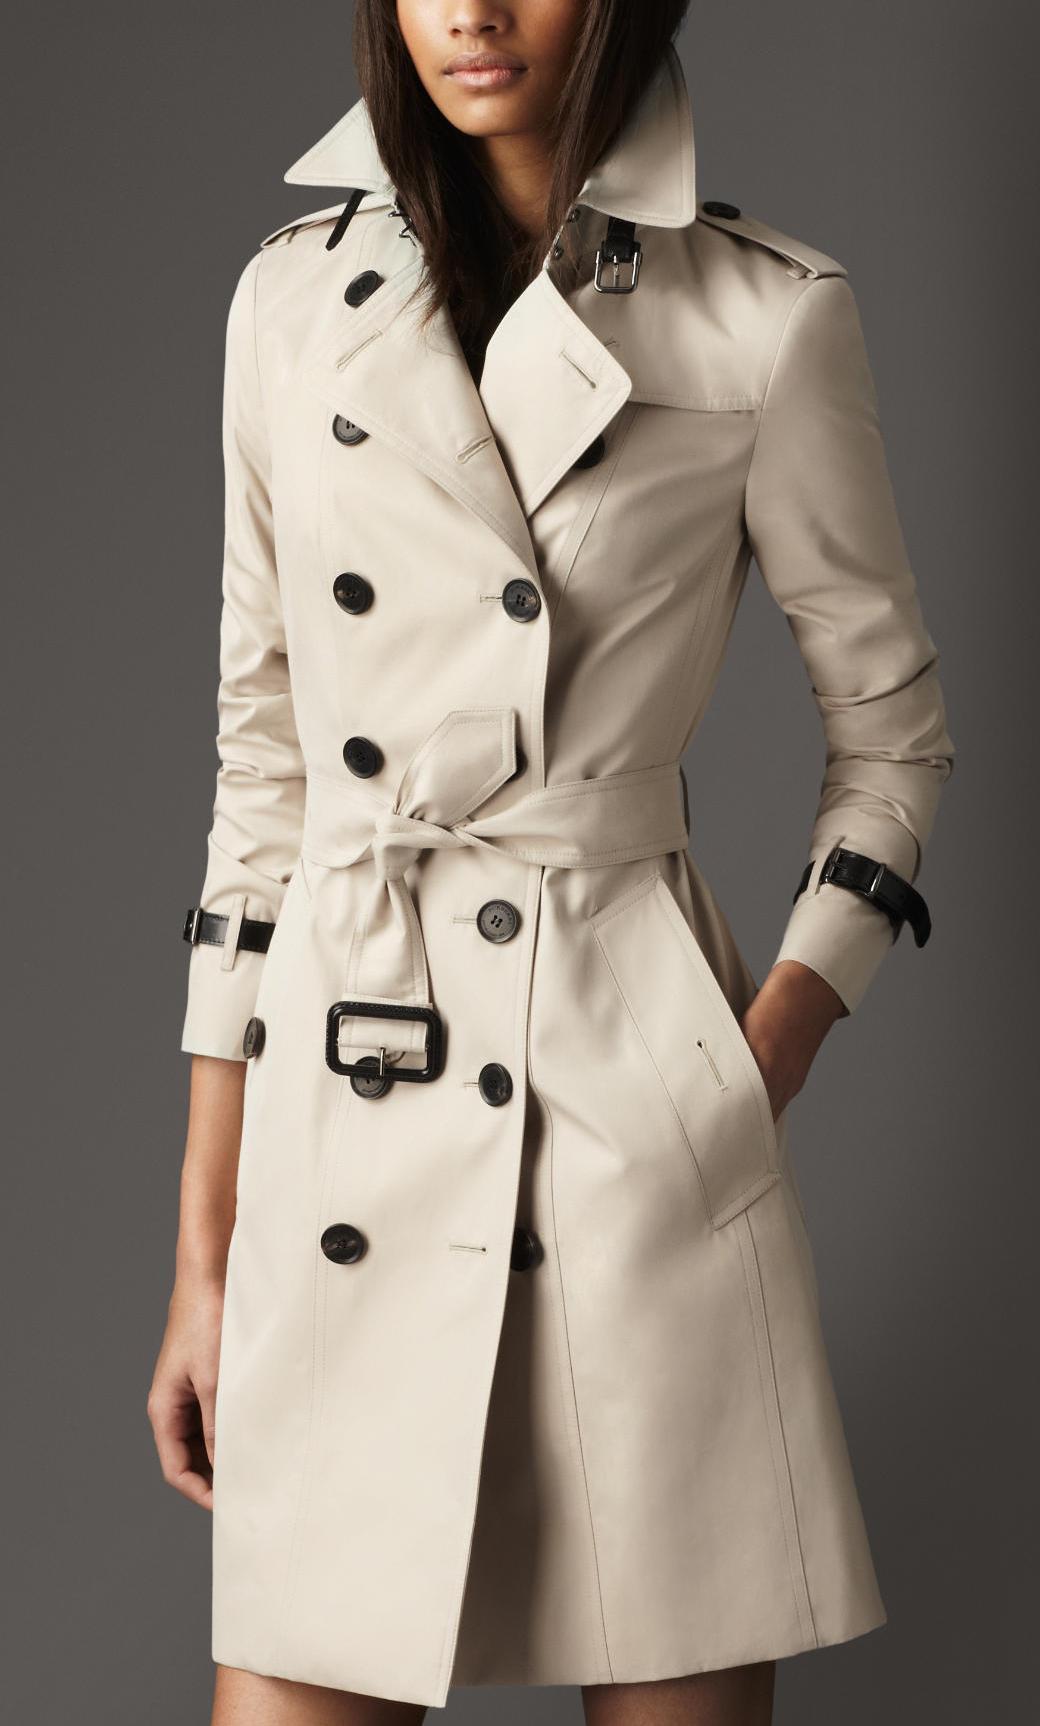 美國代購2013新款巴寶利burberry女裝風衣 長款皮革裝飾 38594111